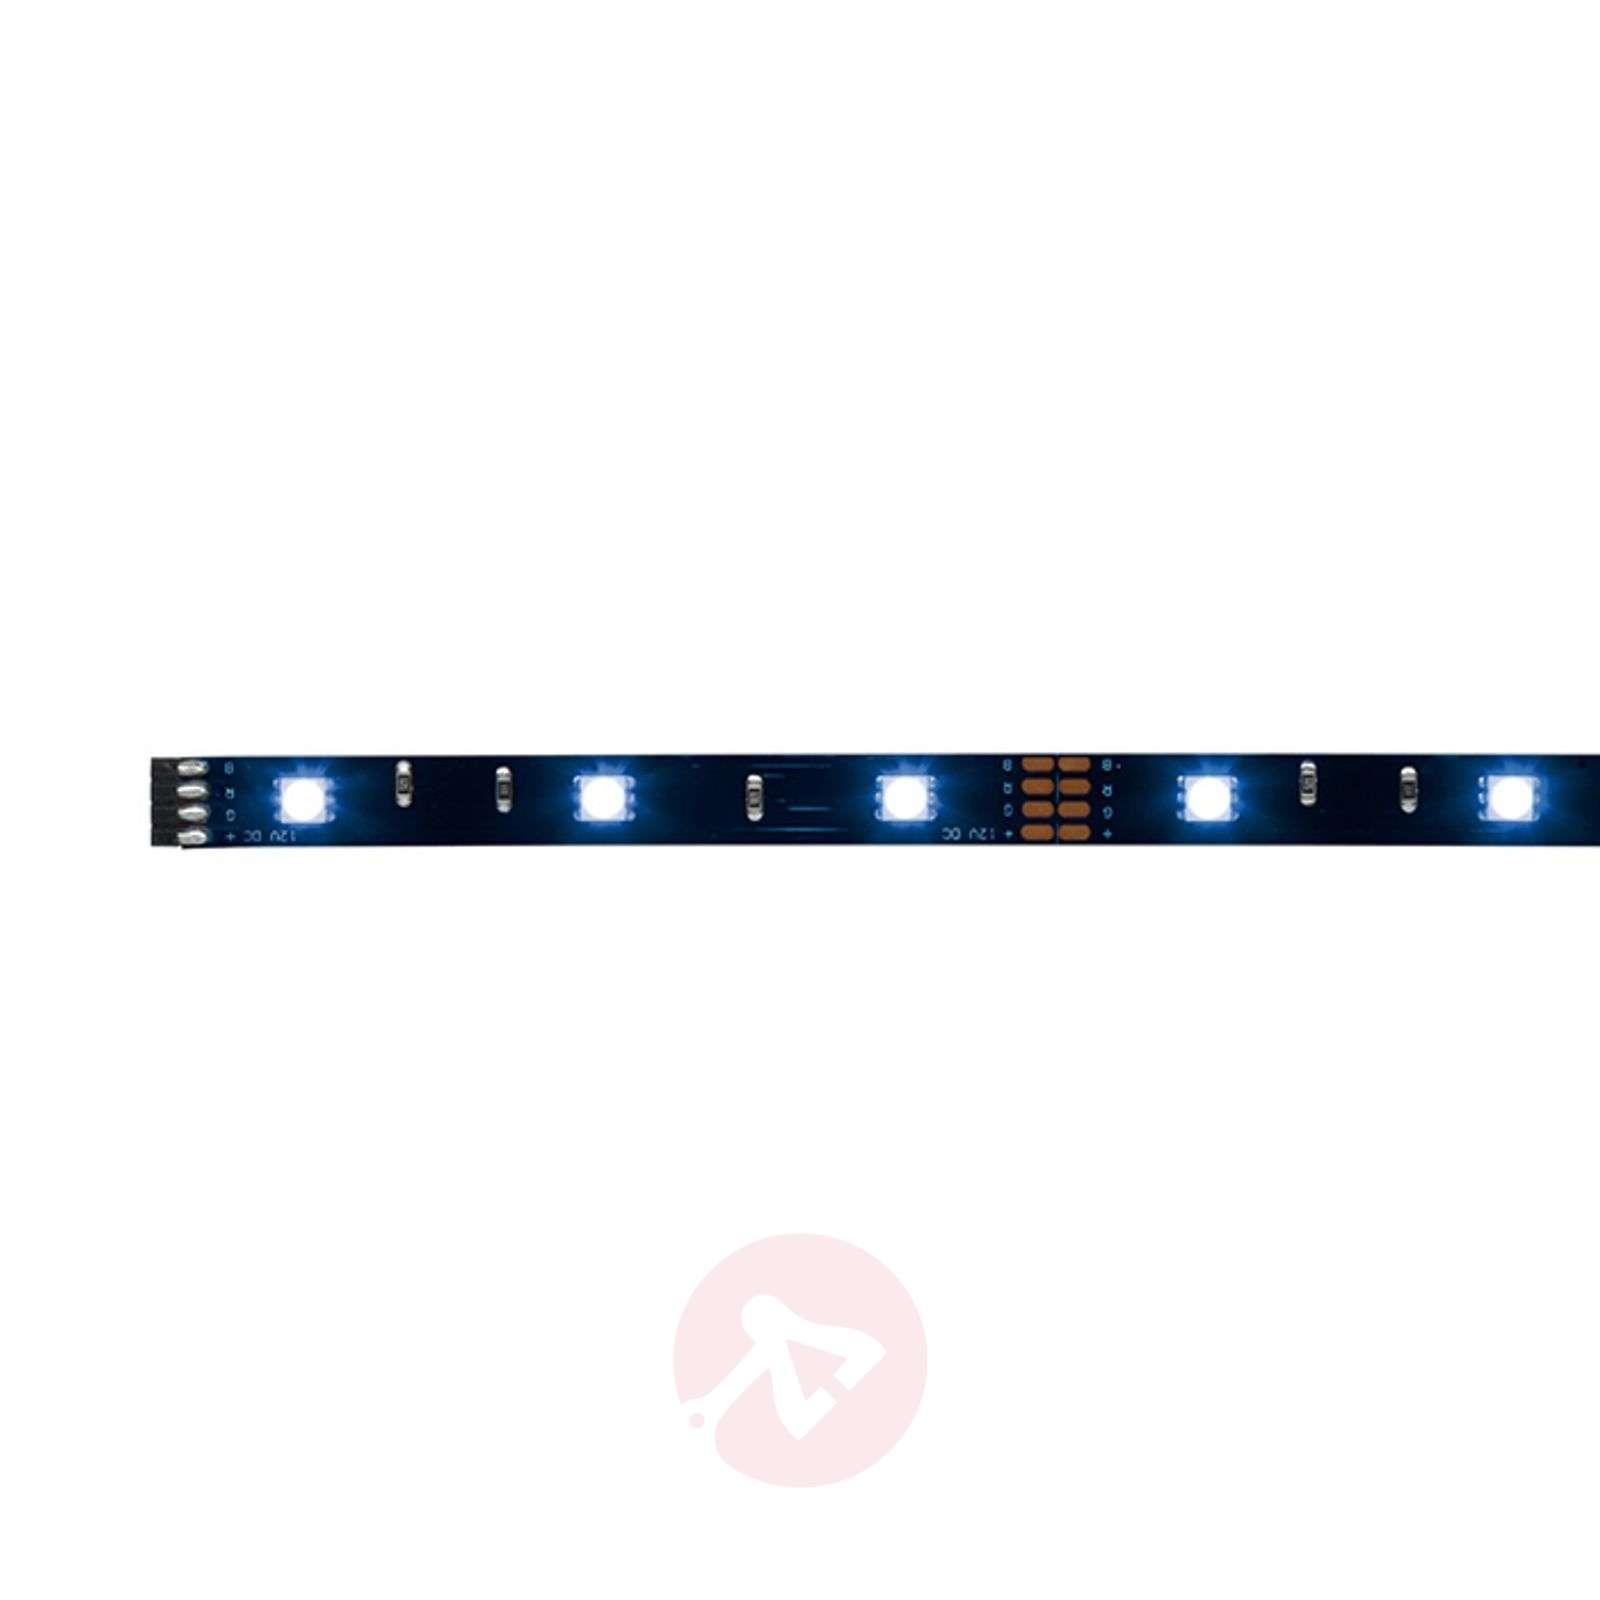 Eco-LED-nauha YourLED, RGB-värinvaihto-7600216-01